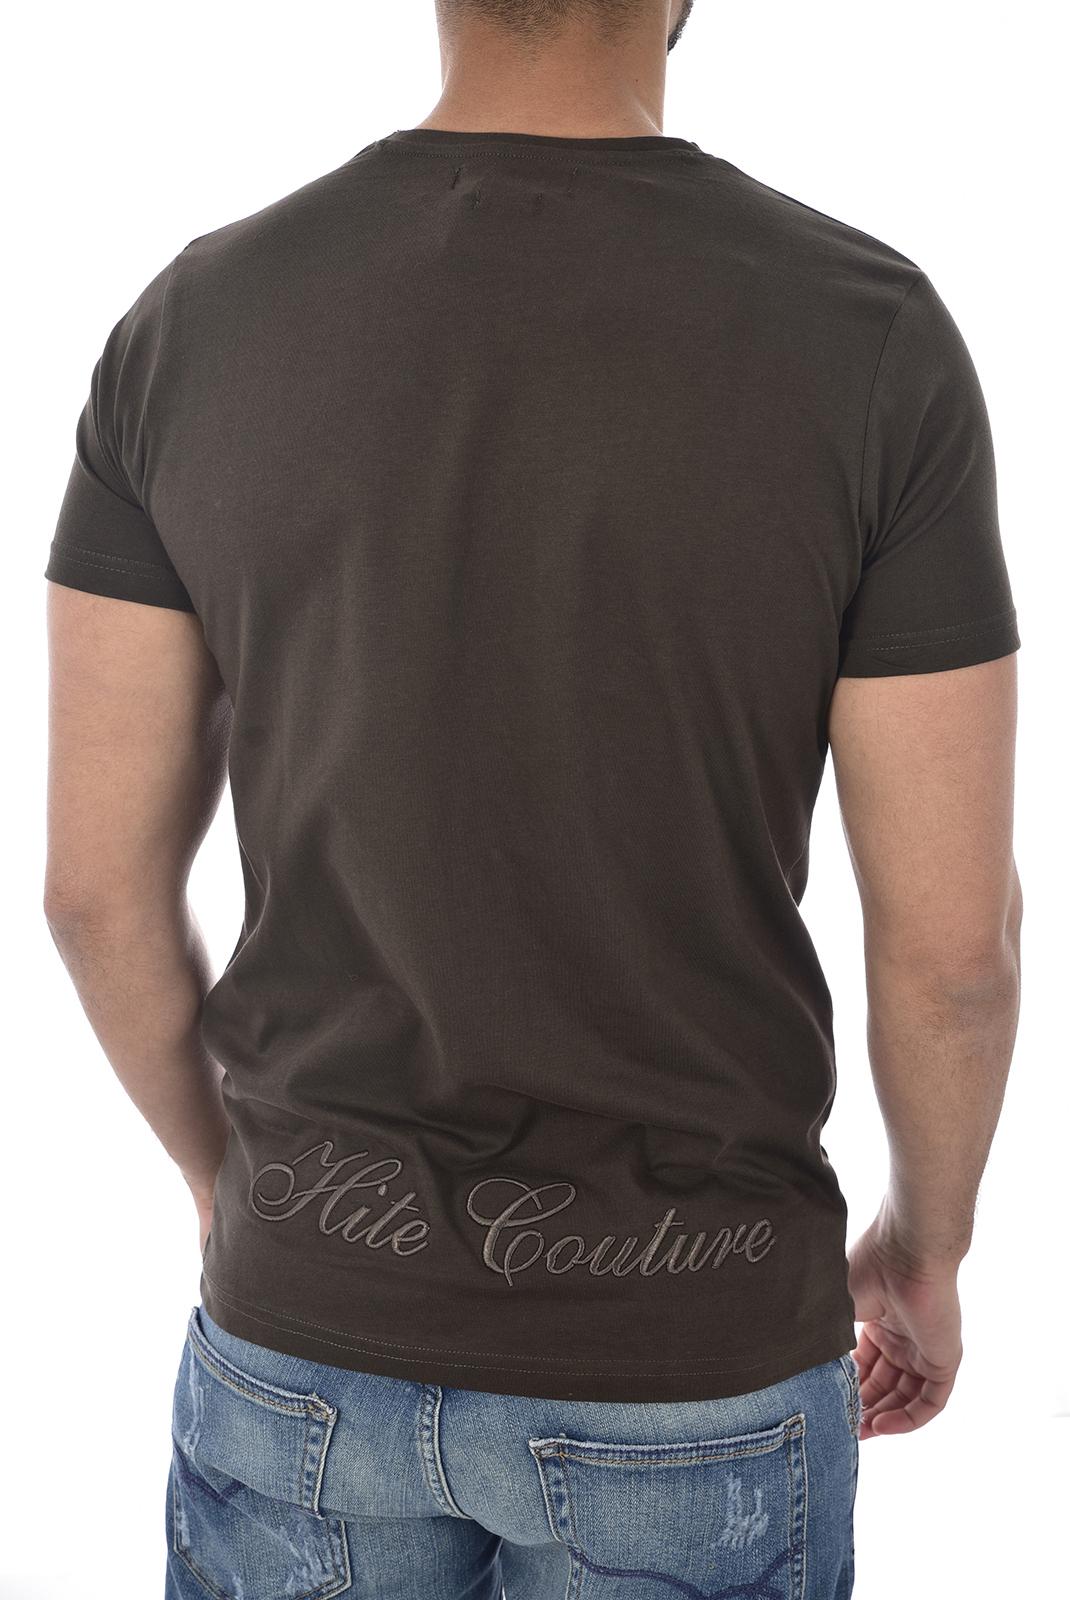 T-S manches courtes  Hite couture MIDAKIL DK KAKI